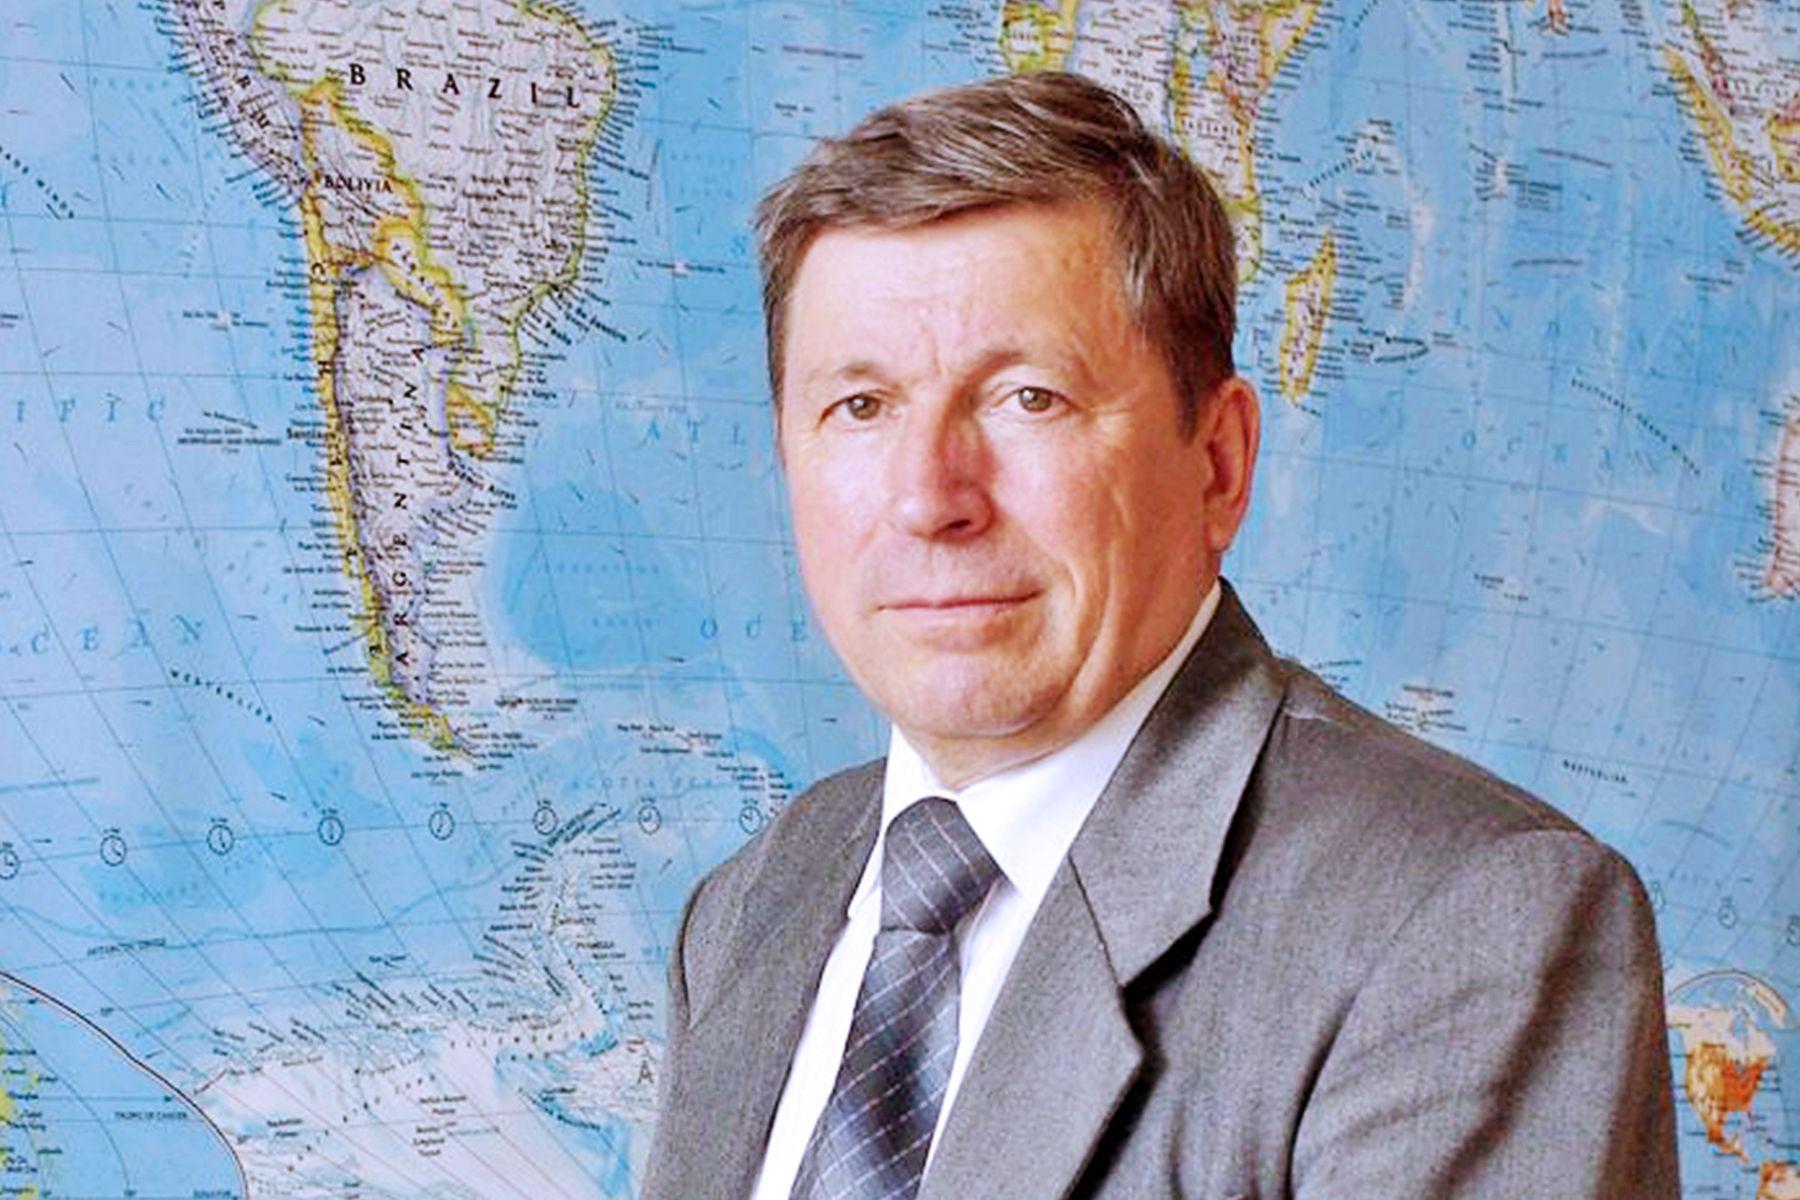 Профессор ВГУЭС Александр Латкин: ситуация с коронавирусом может серьёзно подорвать экономику Приморья